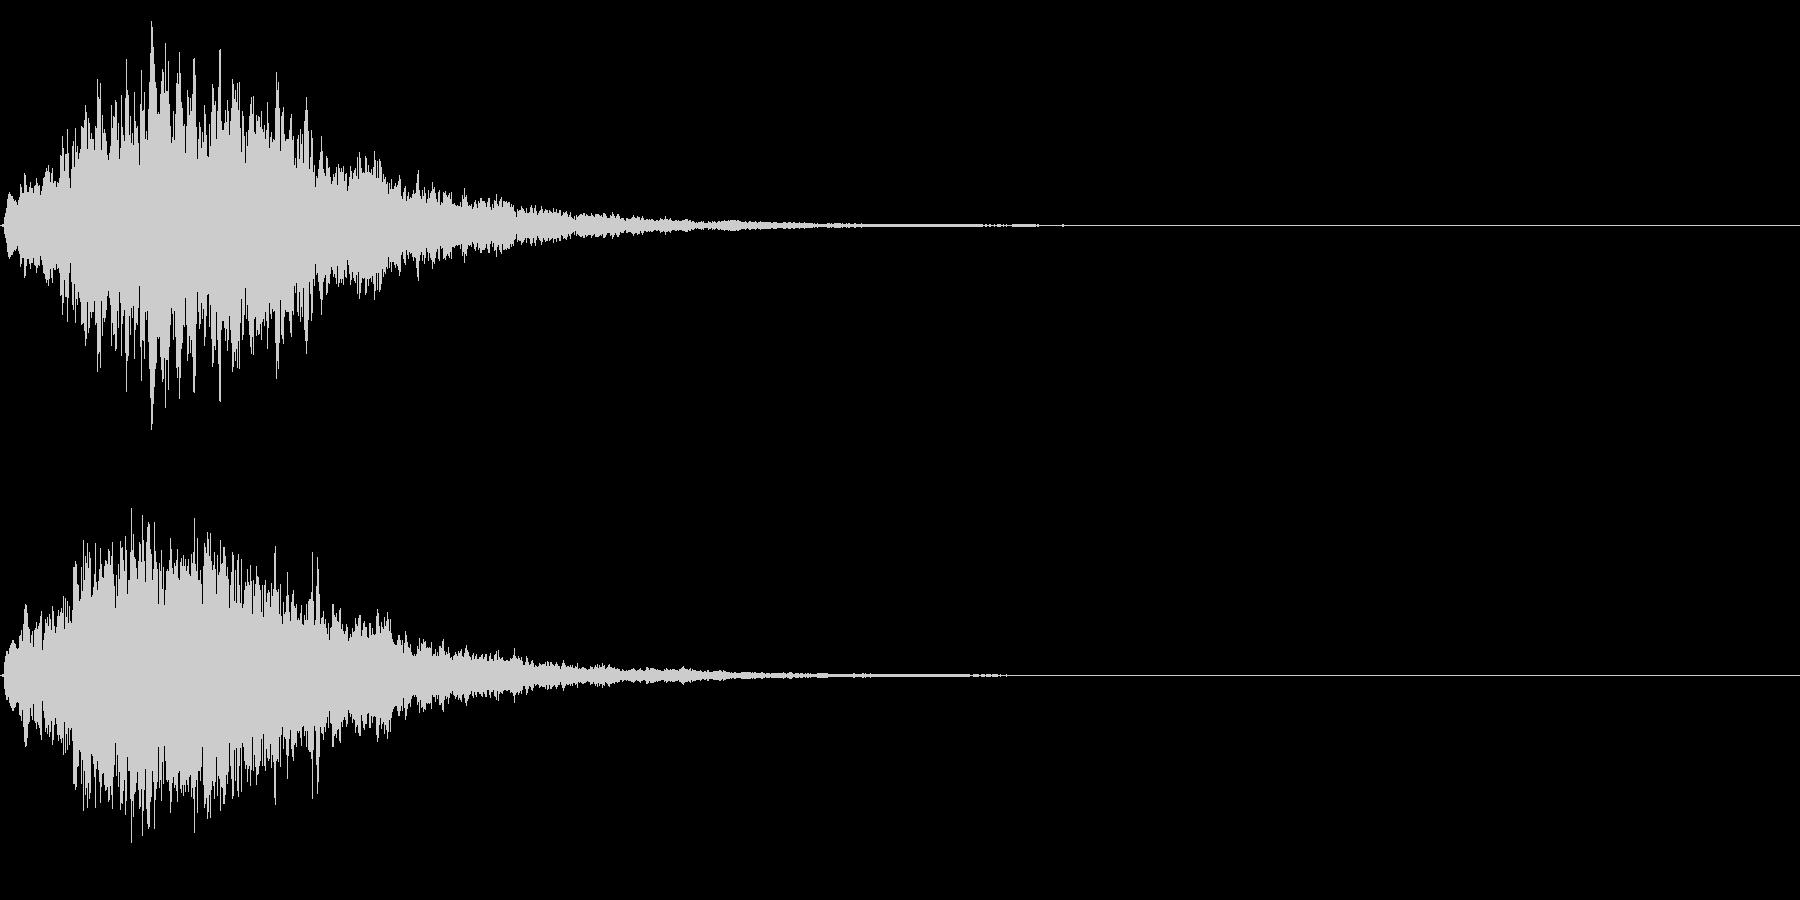 ゲームスタート、決定、ボタン音-151の未再生の波形